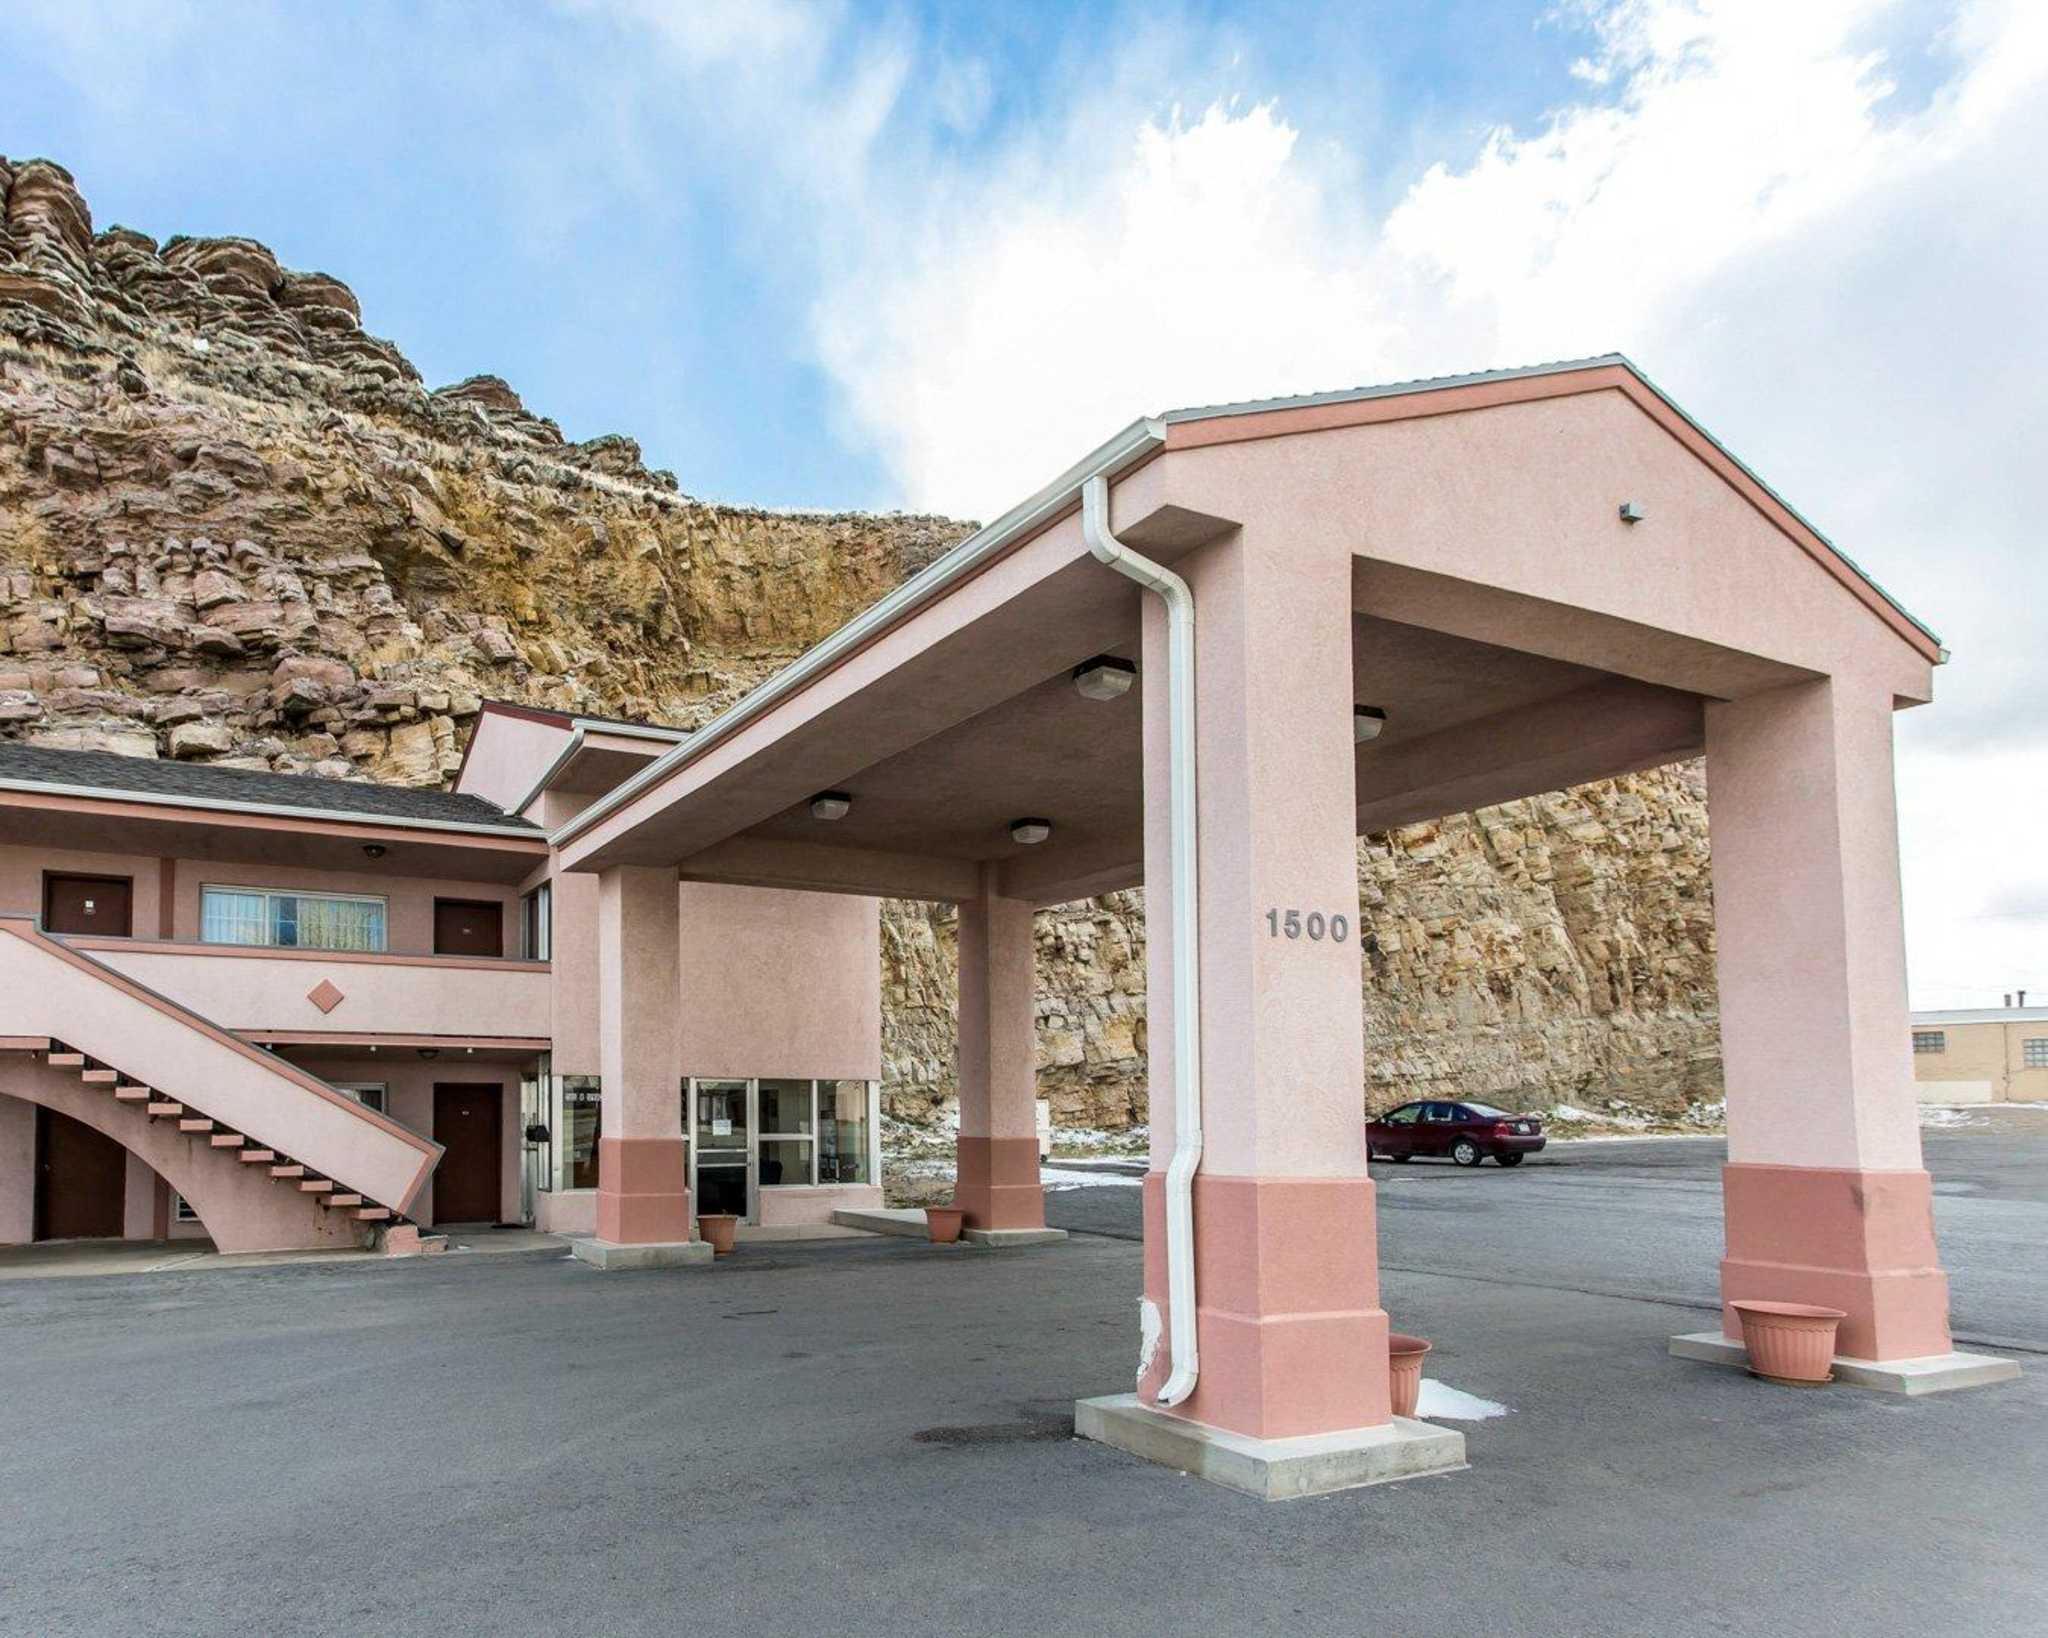 Rawlins Wy Hotels Motels